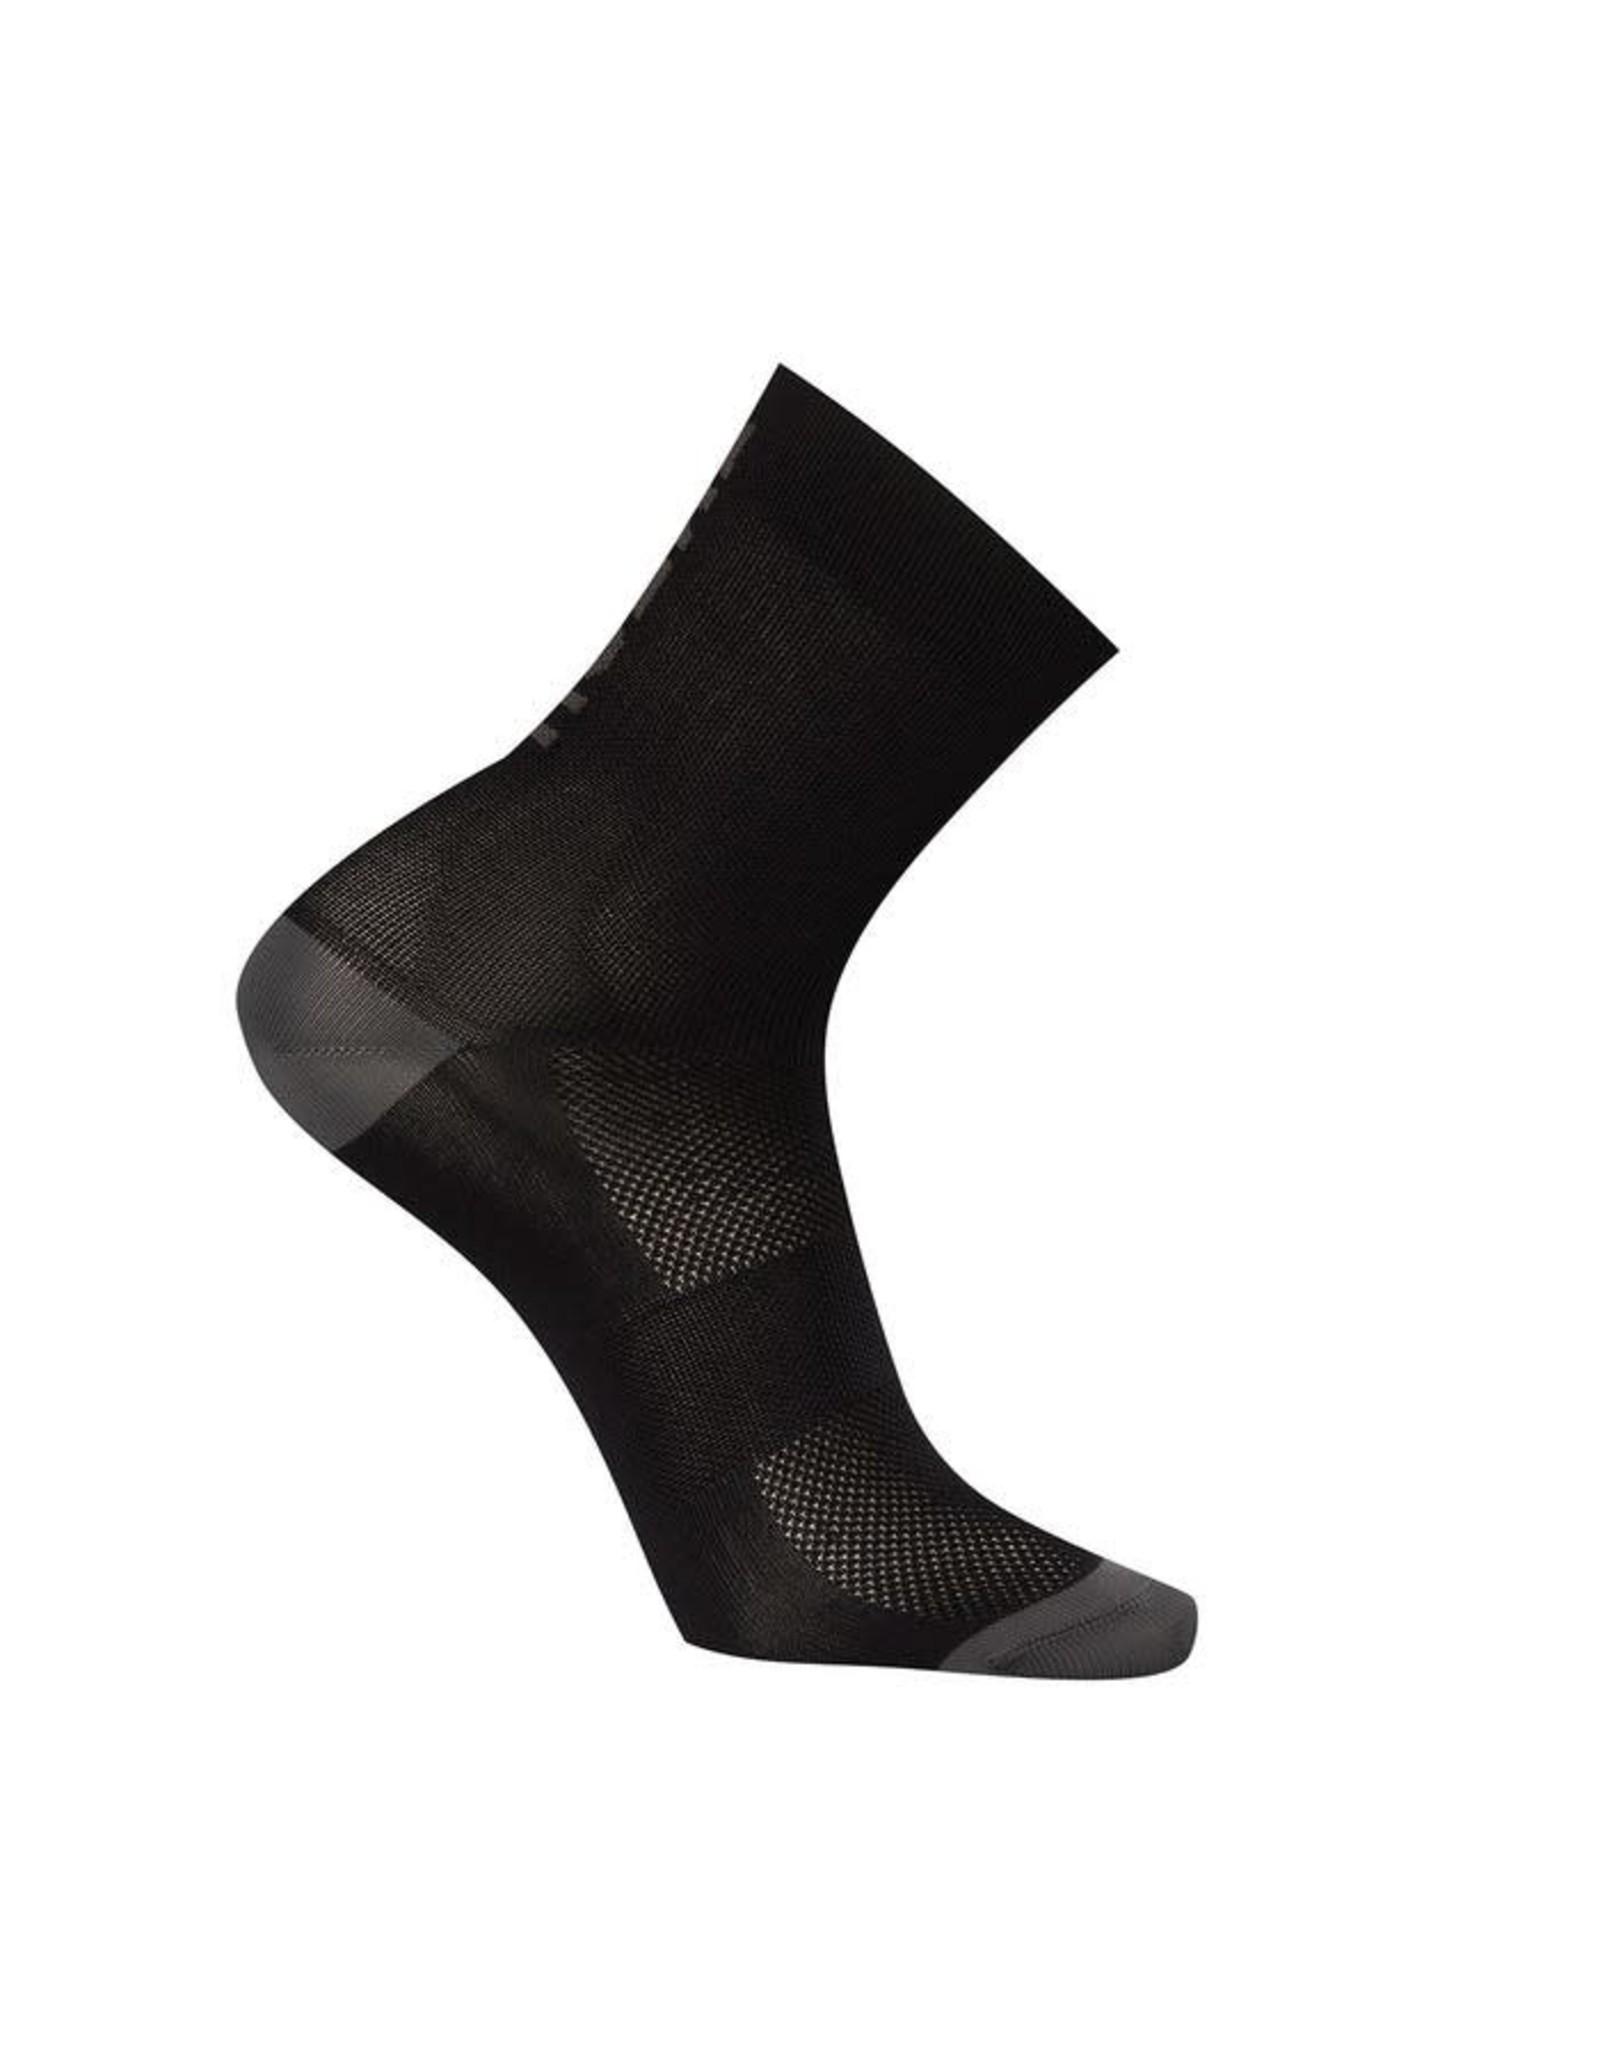 7MESH 7MESH - Word Sock Black Med